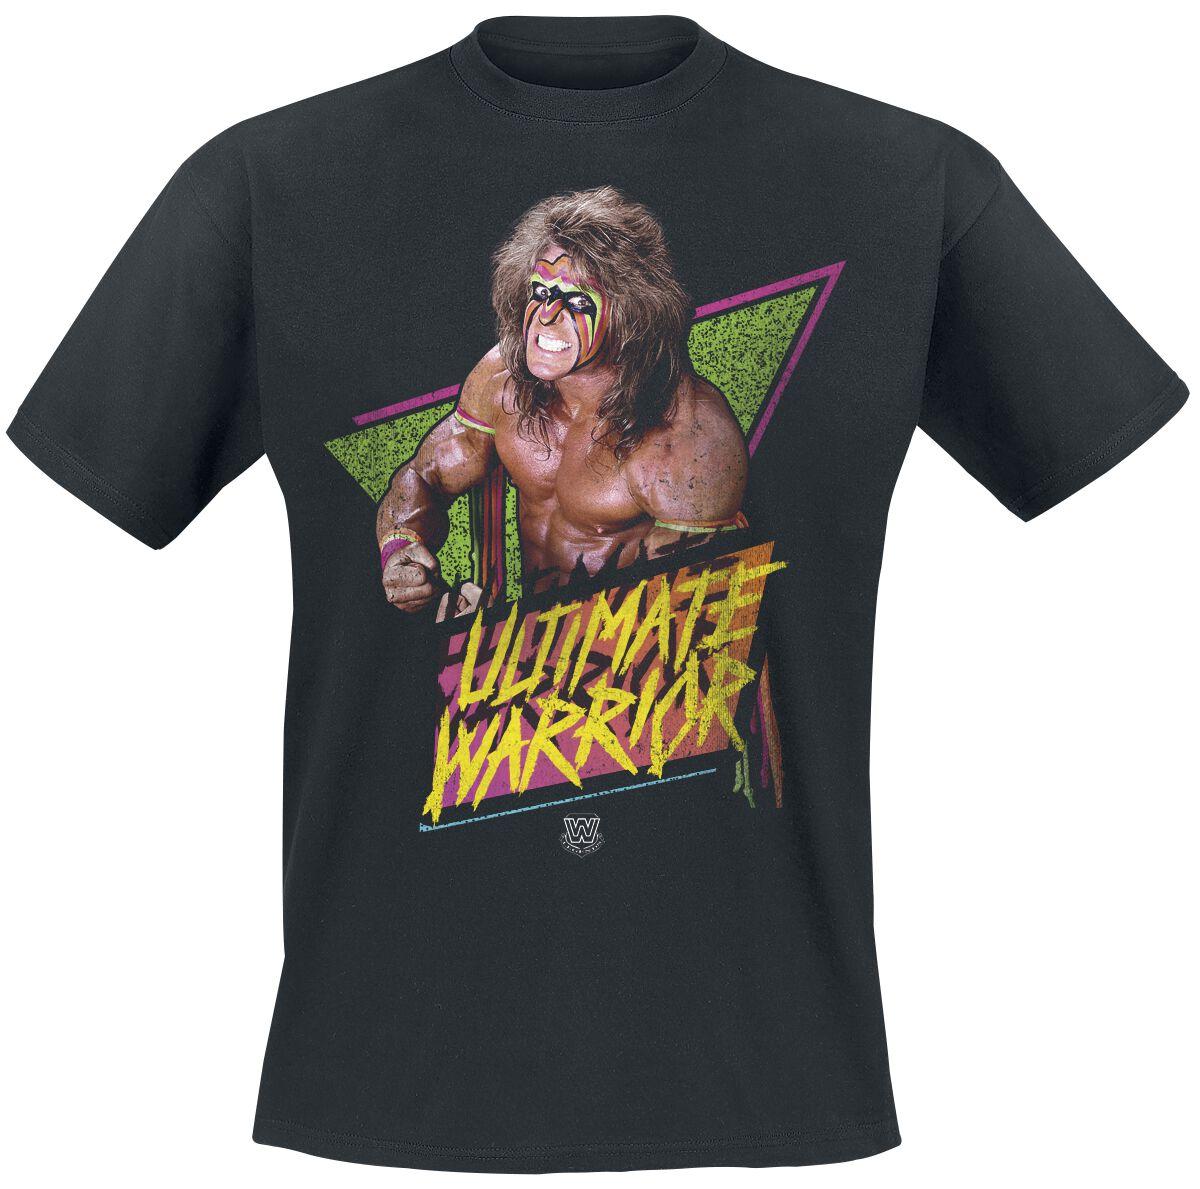 Merch dla Fanów - Koszulki - T-Shirt WWE Ultimate Warrior T-Shirt czarny - 350704